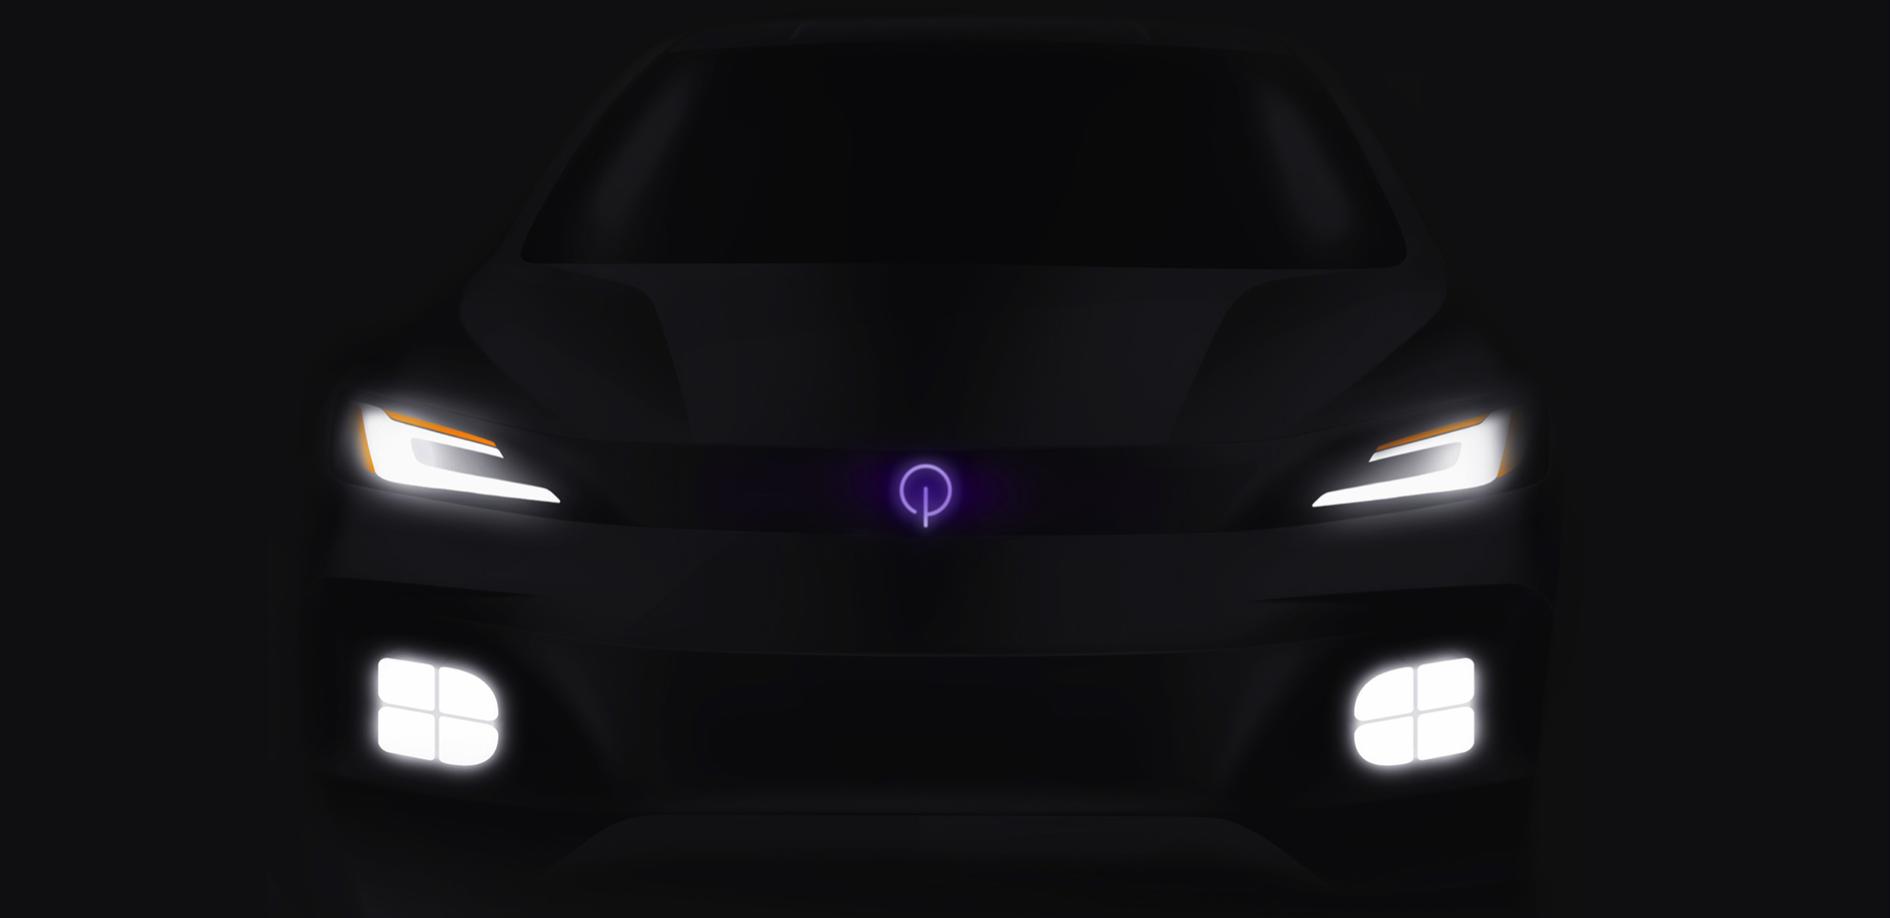 这家造出接近Tesla的国产电动车公司为何能引起互联新贵的关注?